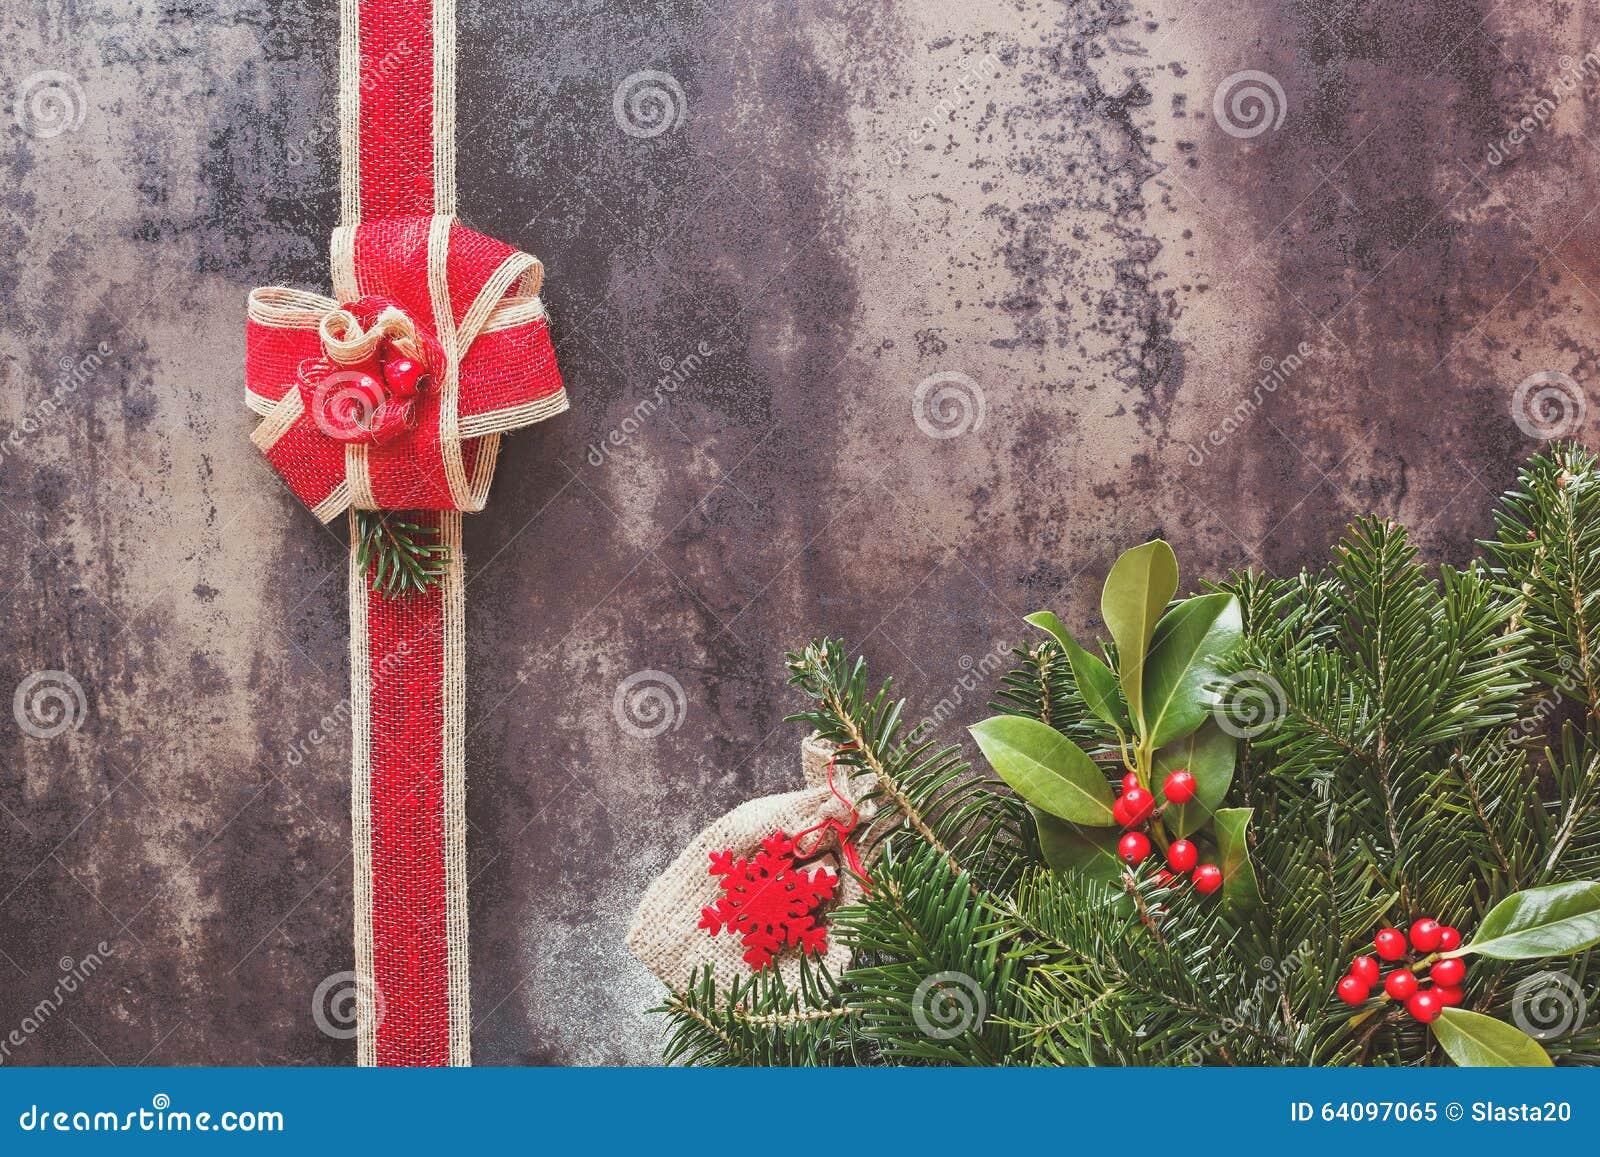 Marco y cinta de la navidad foto de archivo imagen 64097065 - Cinta de navidad ...